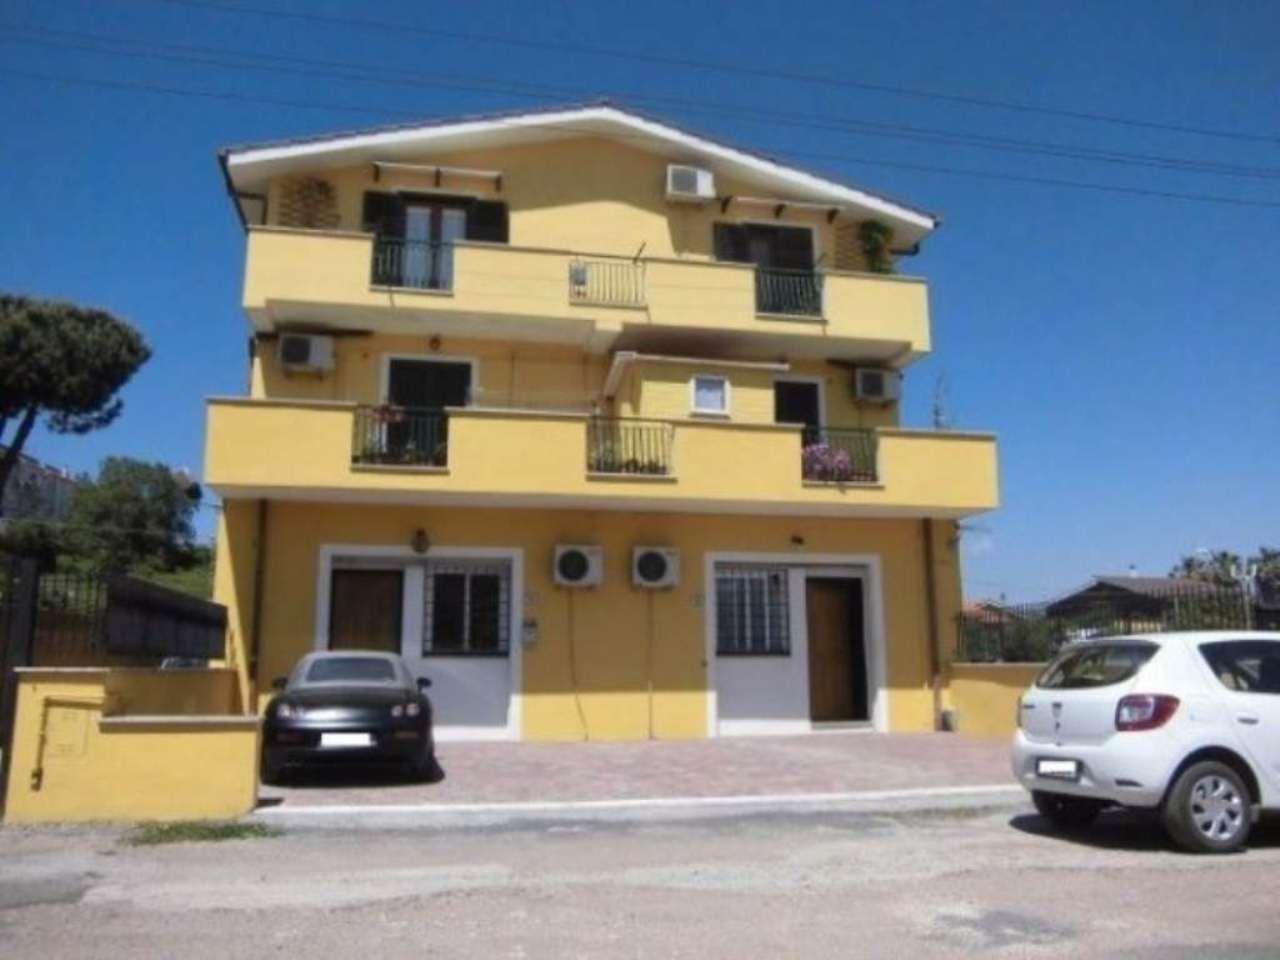 Appartamento in vendita a Ardea, 3 locali, prezzo € 119.000 | CambioCasa.it